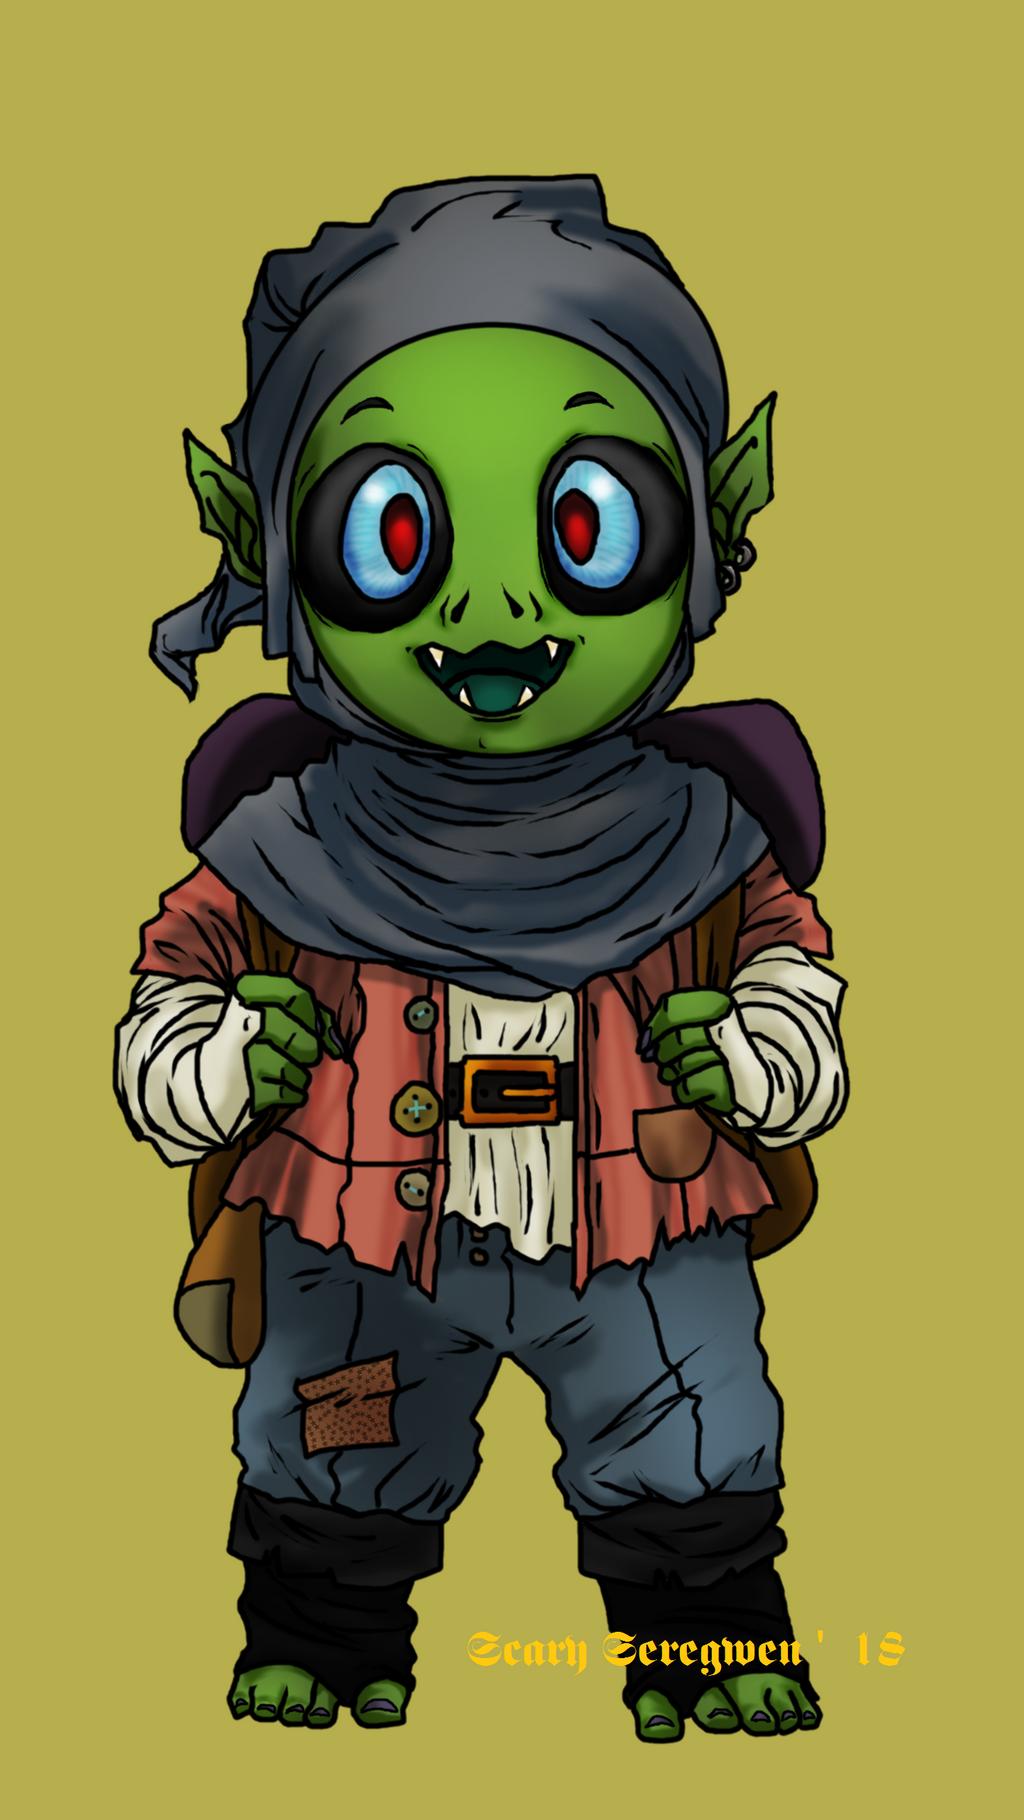 Bedbug the Goblin by ScarySeregwen